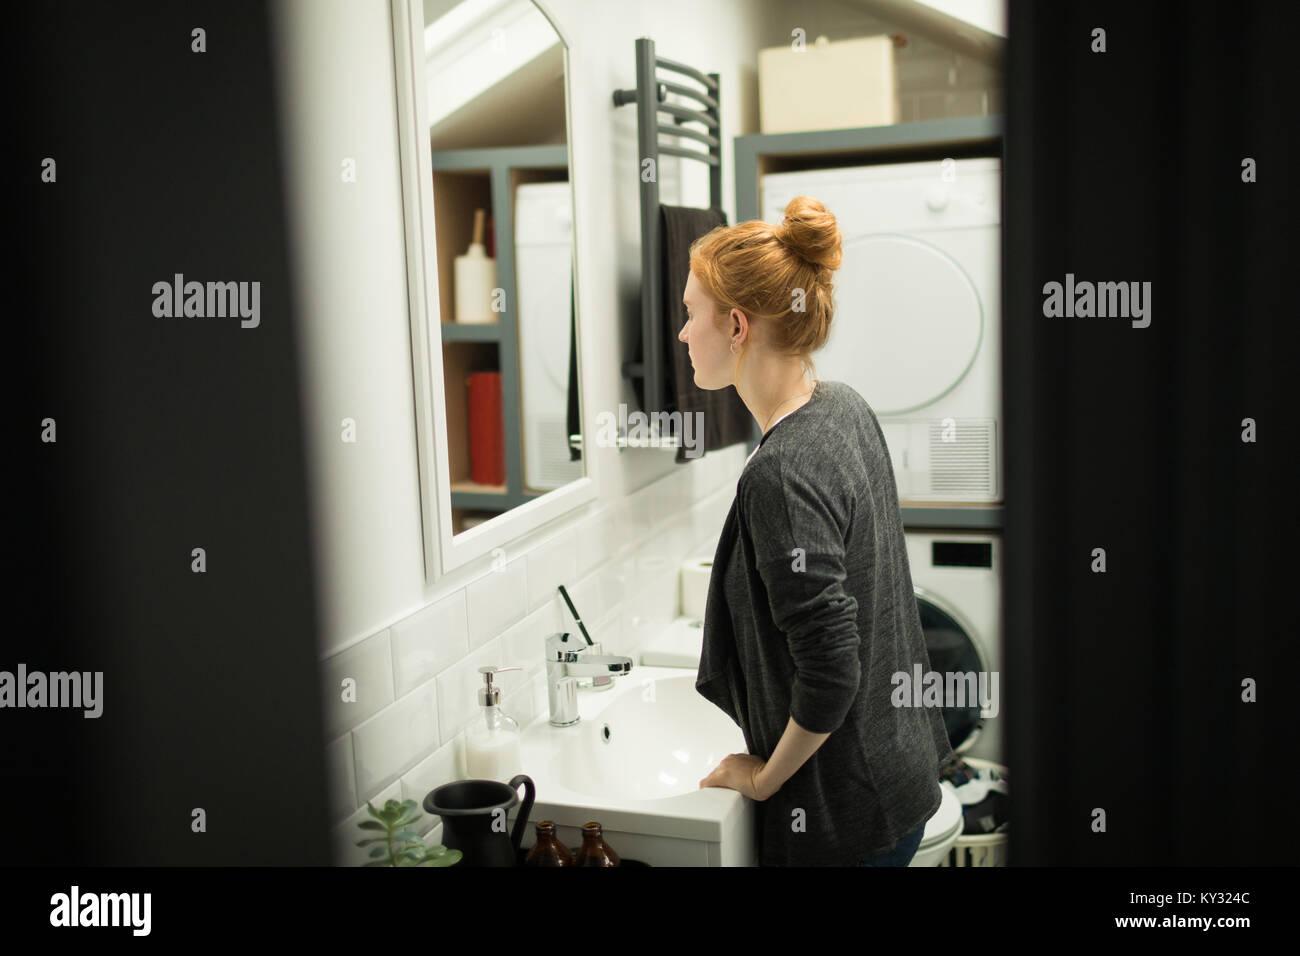 Jeune femme à la recherche de miroir de salle de bains Photo Stock